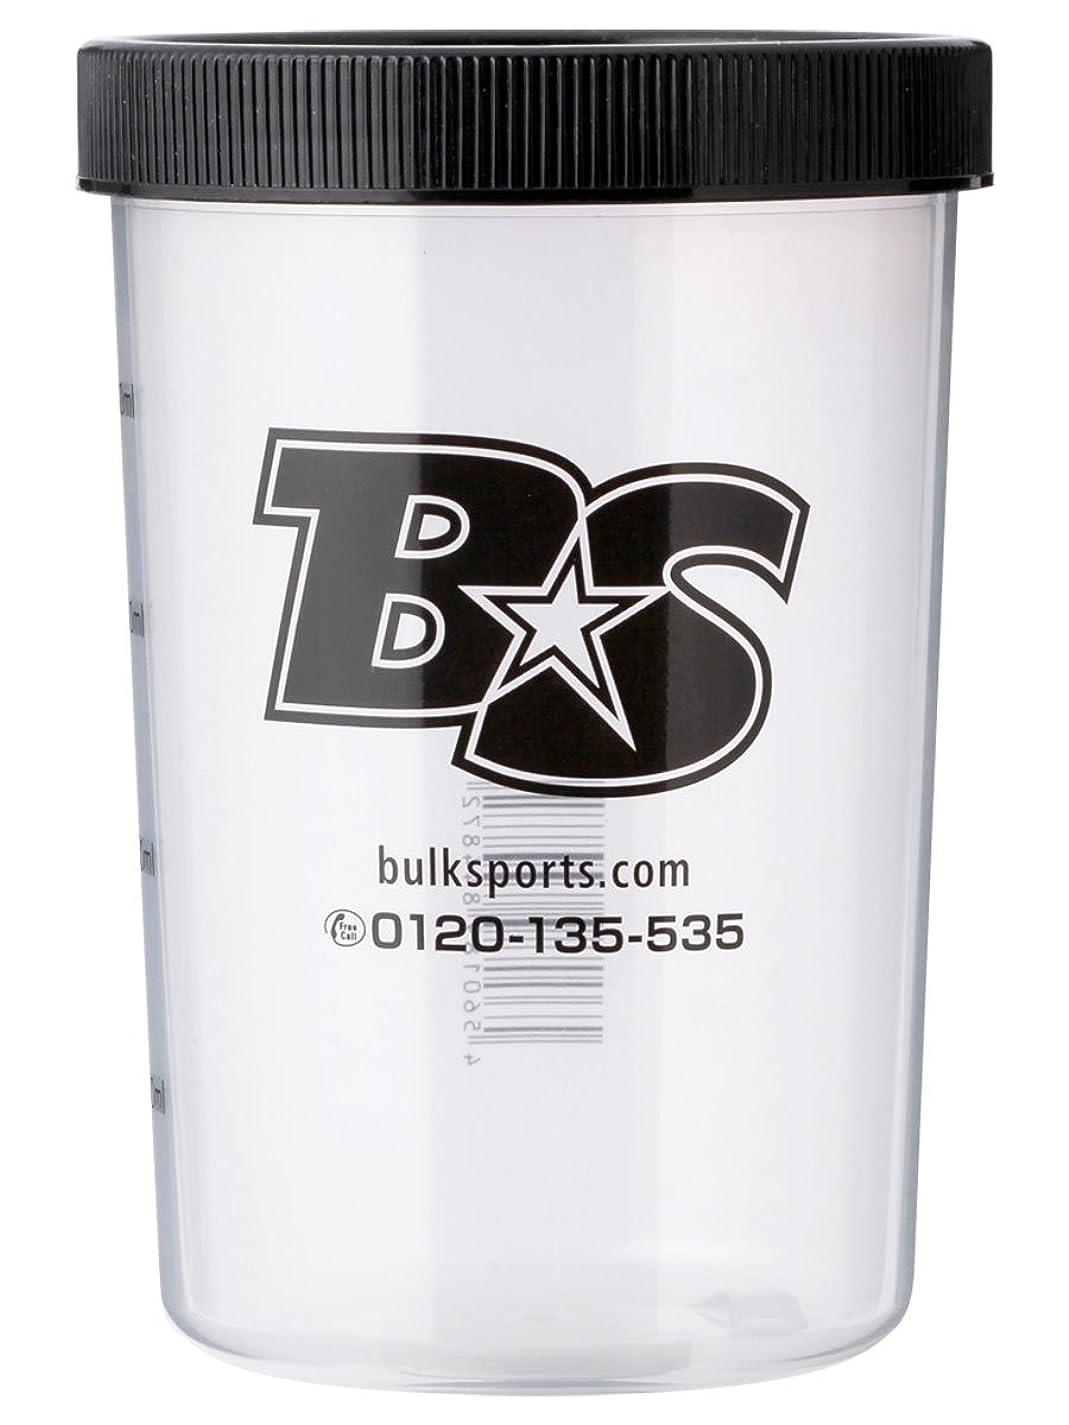 私のヘルメットに変わるバルクスポーツ プロテインシェイカー BS STAR ロゴ入りシェイカーカップ(500ml)